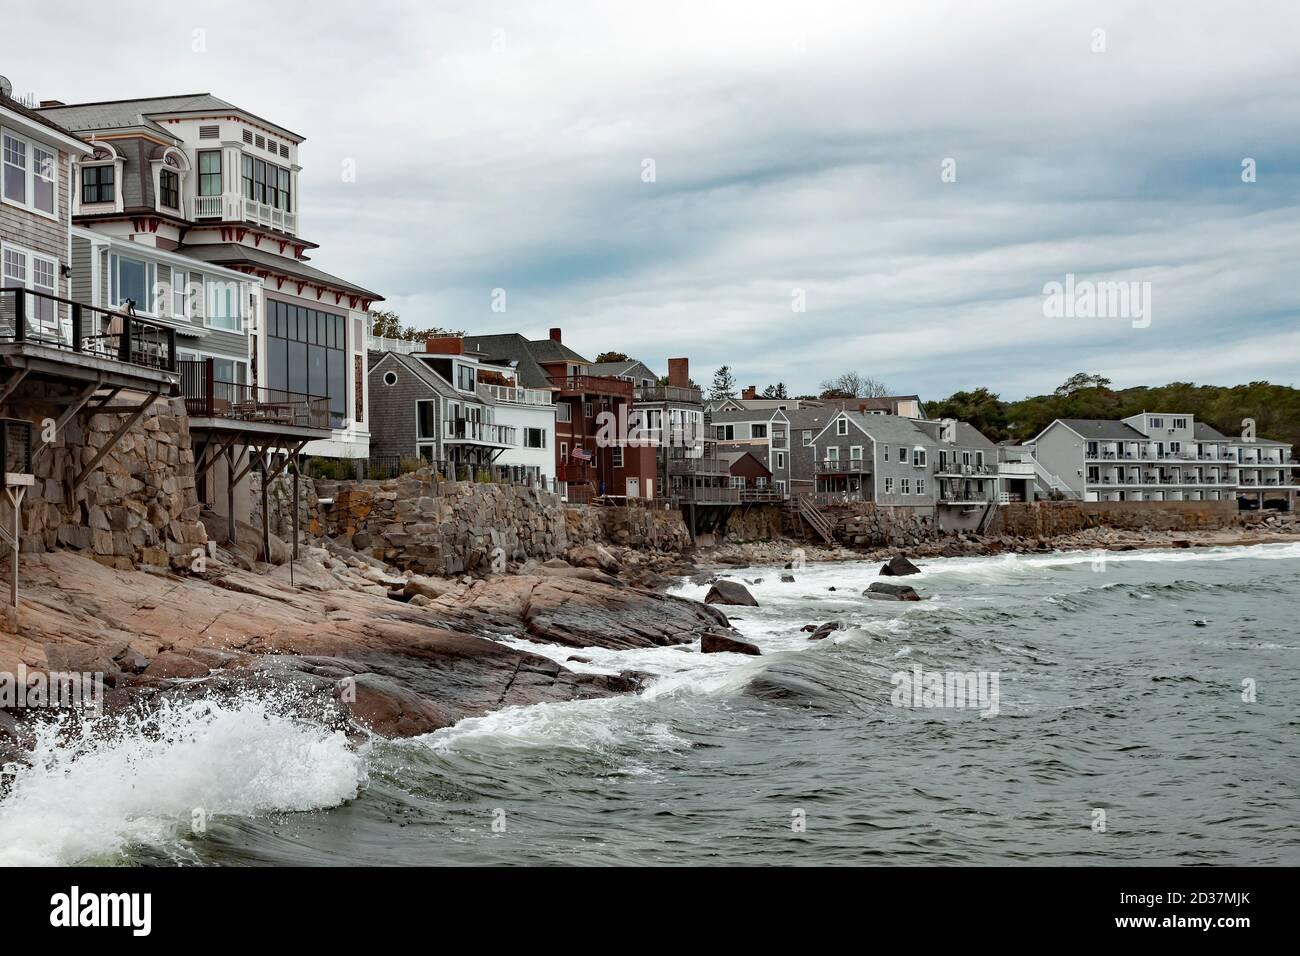 Front Beach Shoreline in Rockport, Massachusetts liegt auf der Halbinsel Cape Ann (Essex County). Sandy Bay öffnet sich zum Atlantischen Ozean. Stockfoto